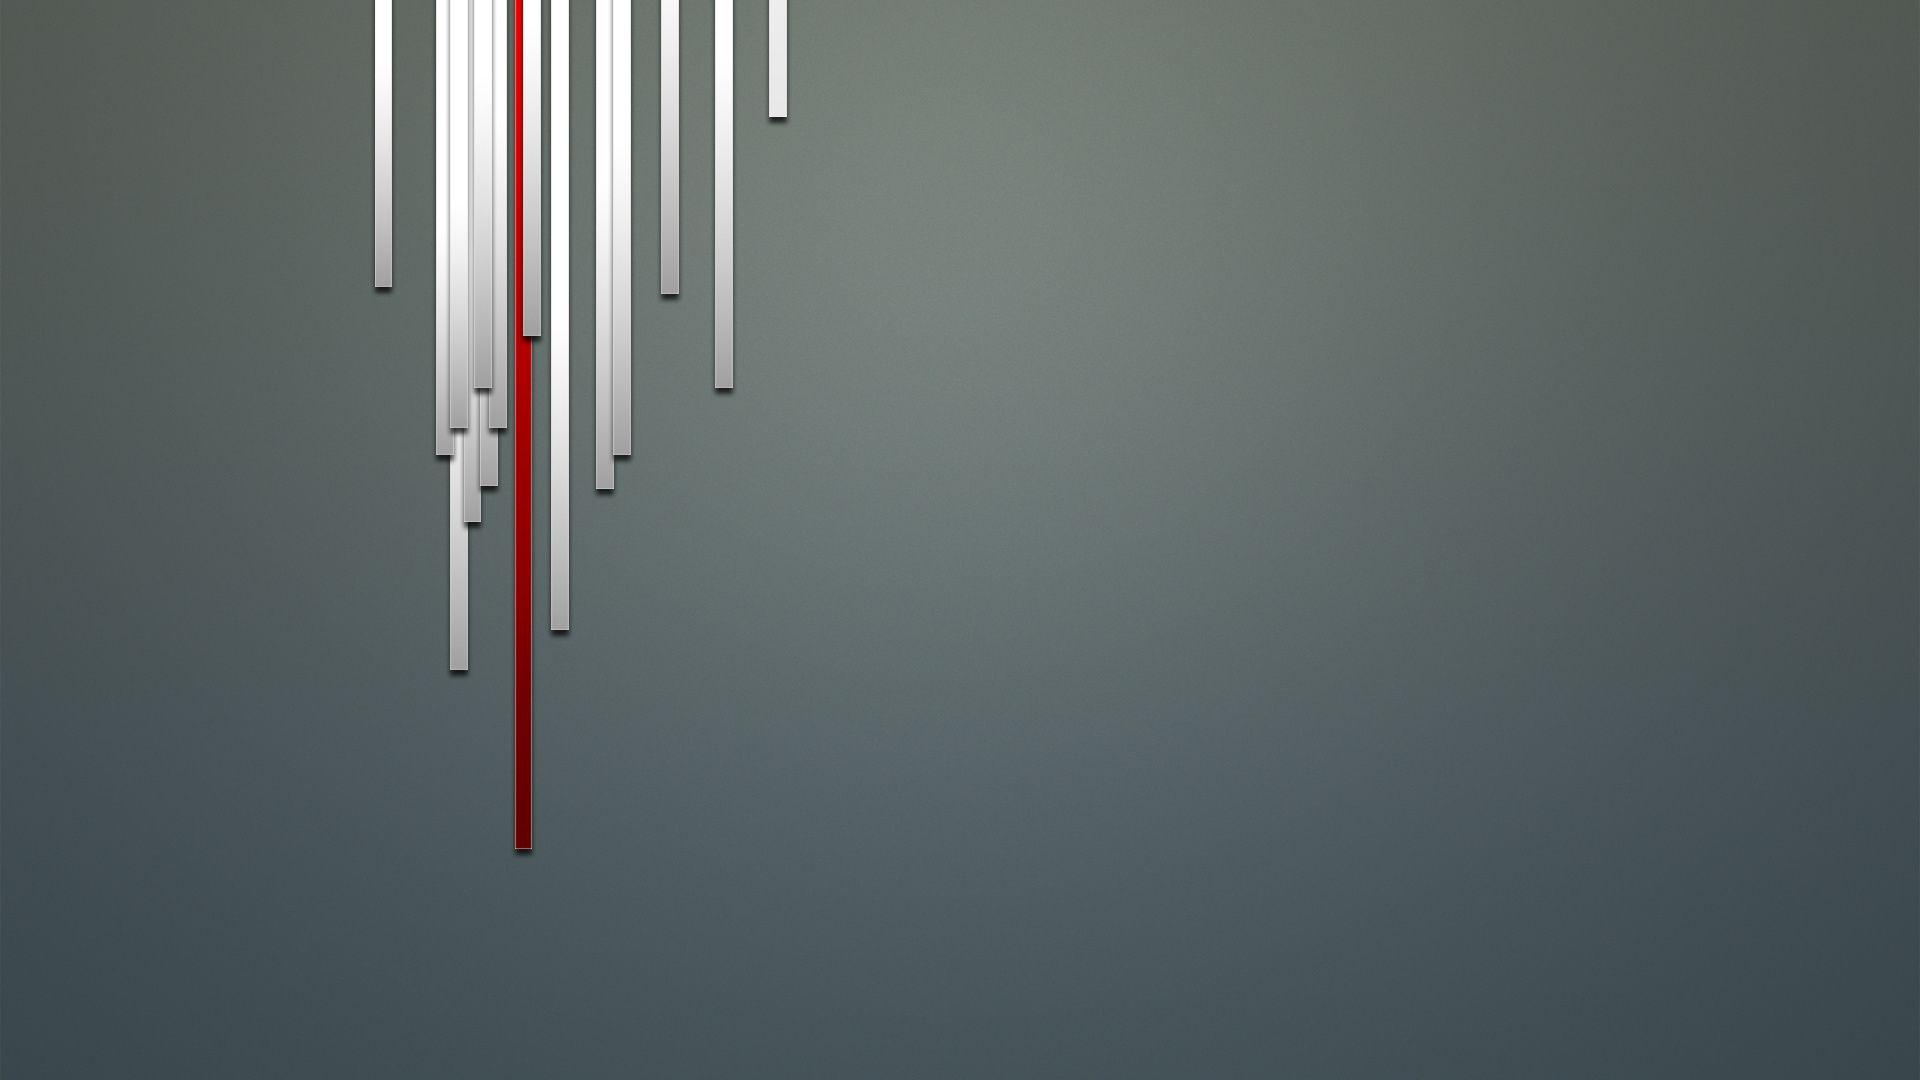 White Minimalism Free Desktop Wallpaper